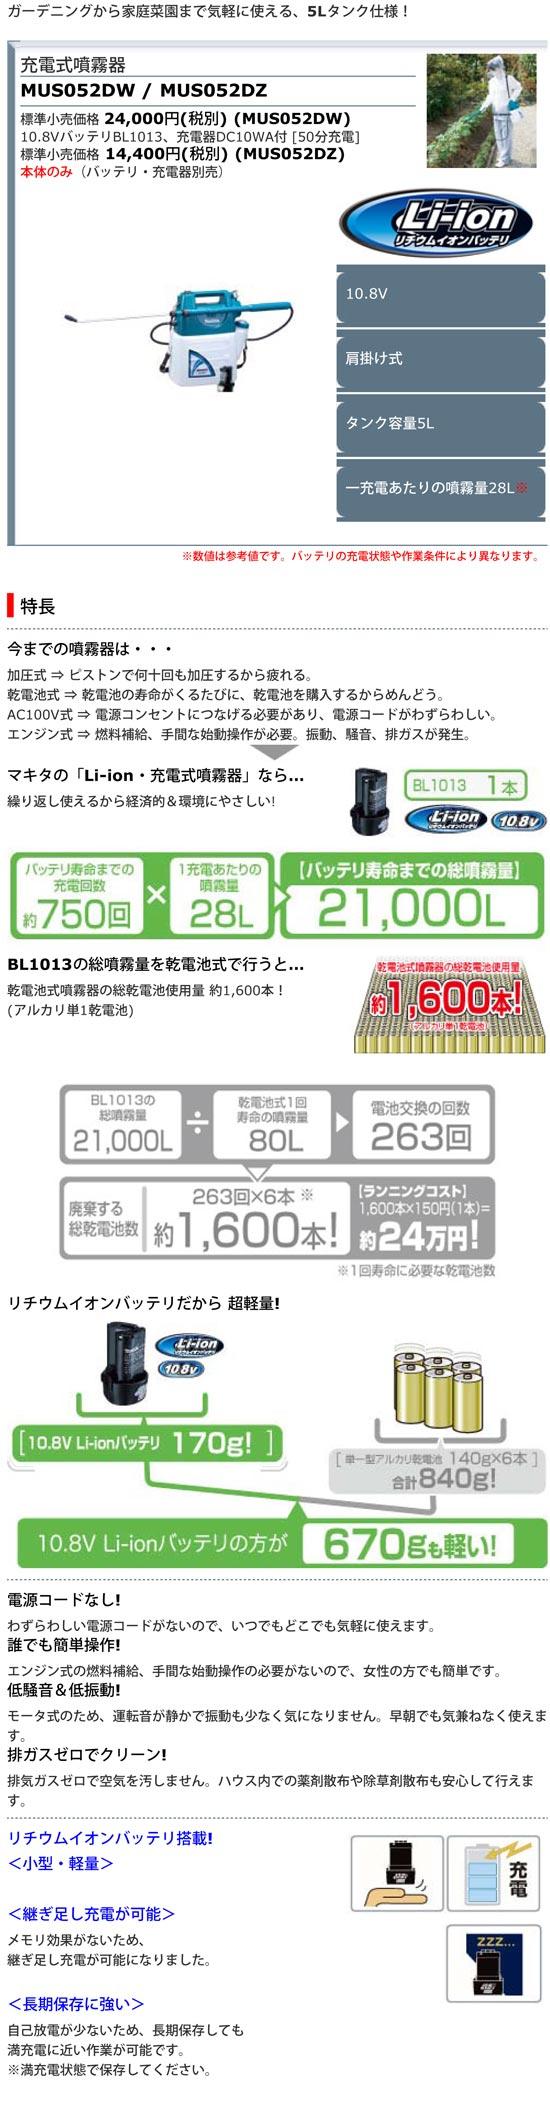 マキタMUS052DW 商品詳細説明